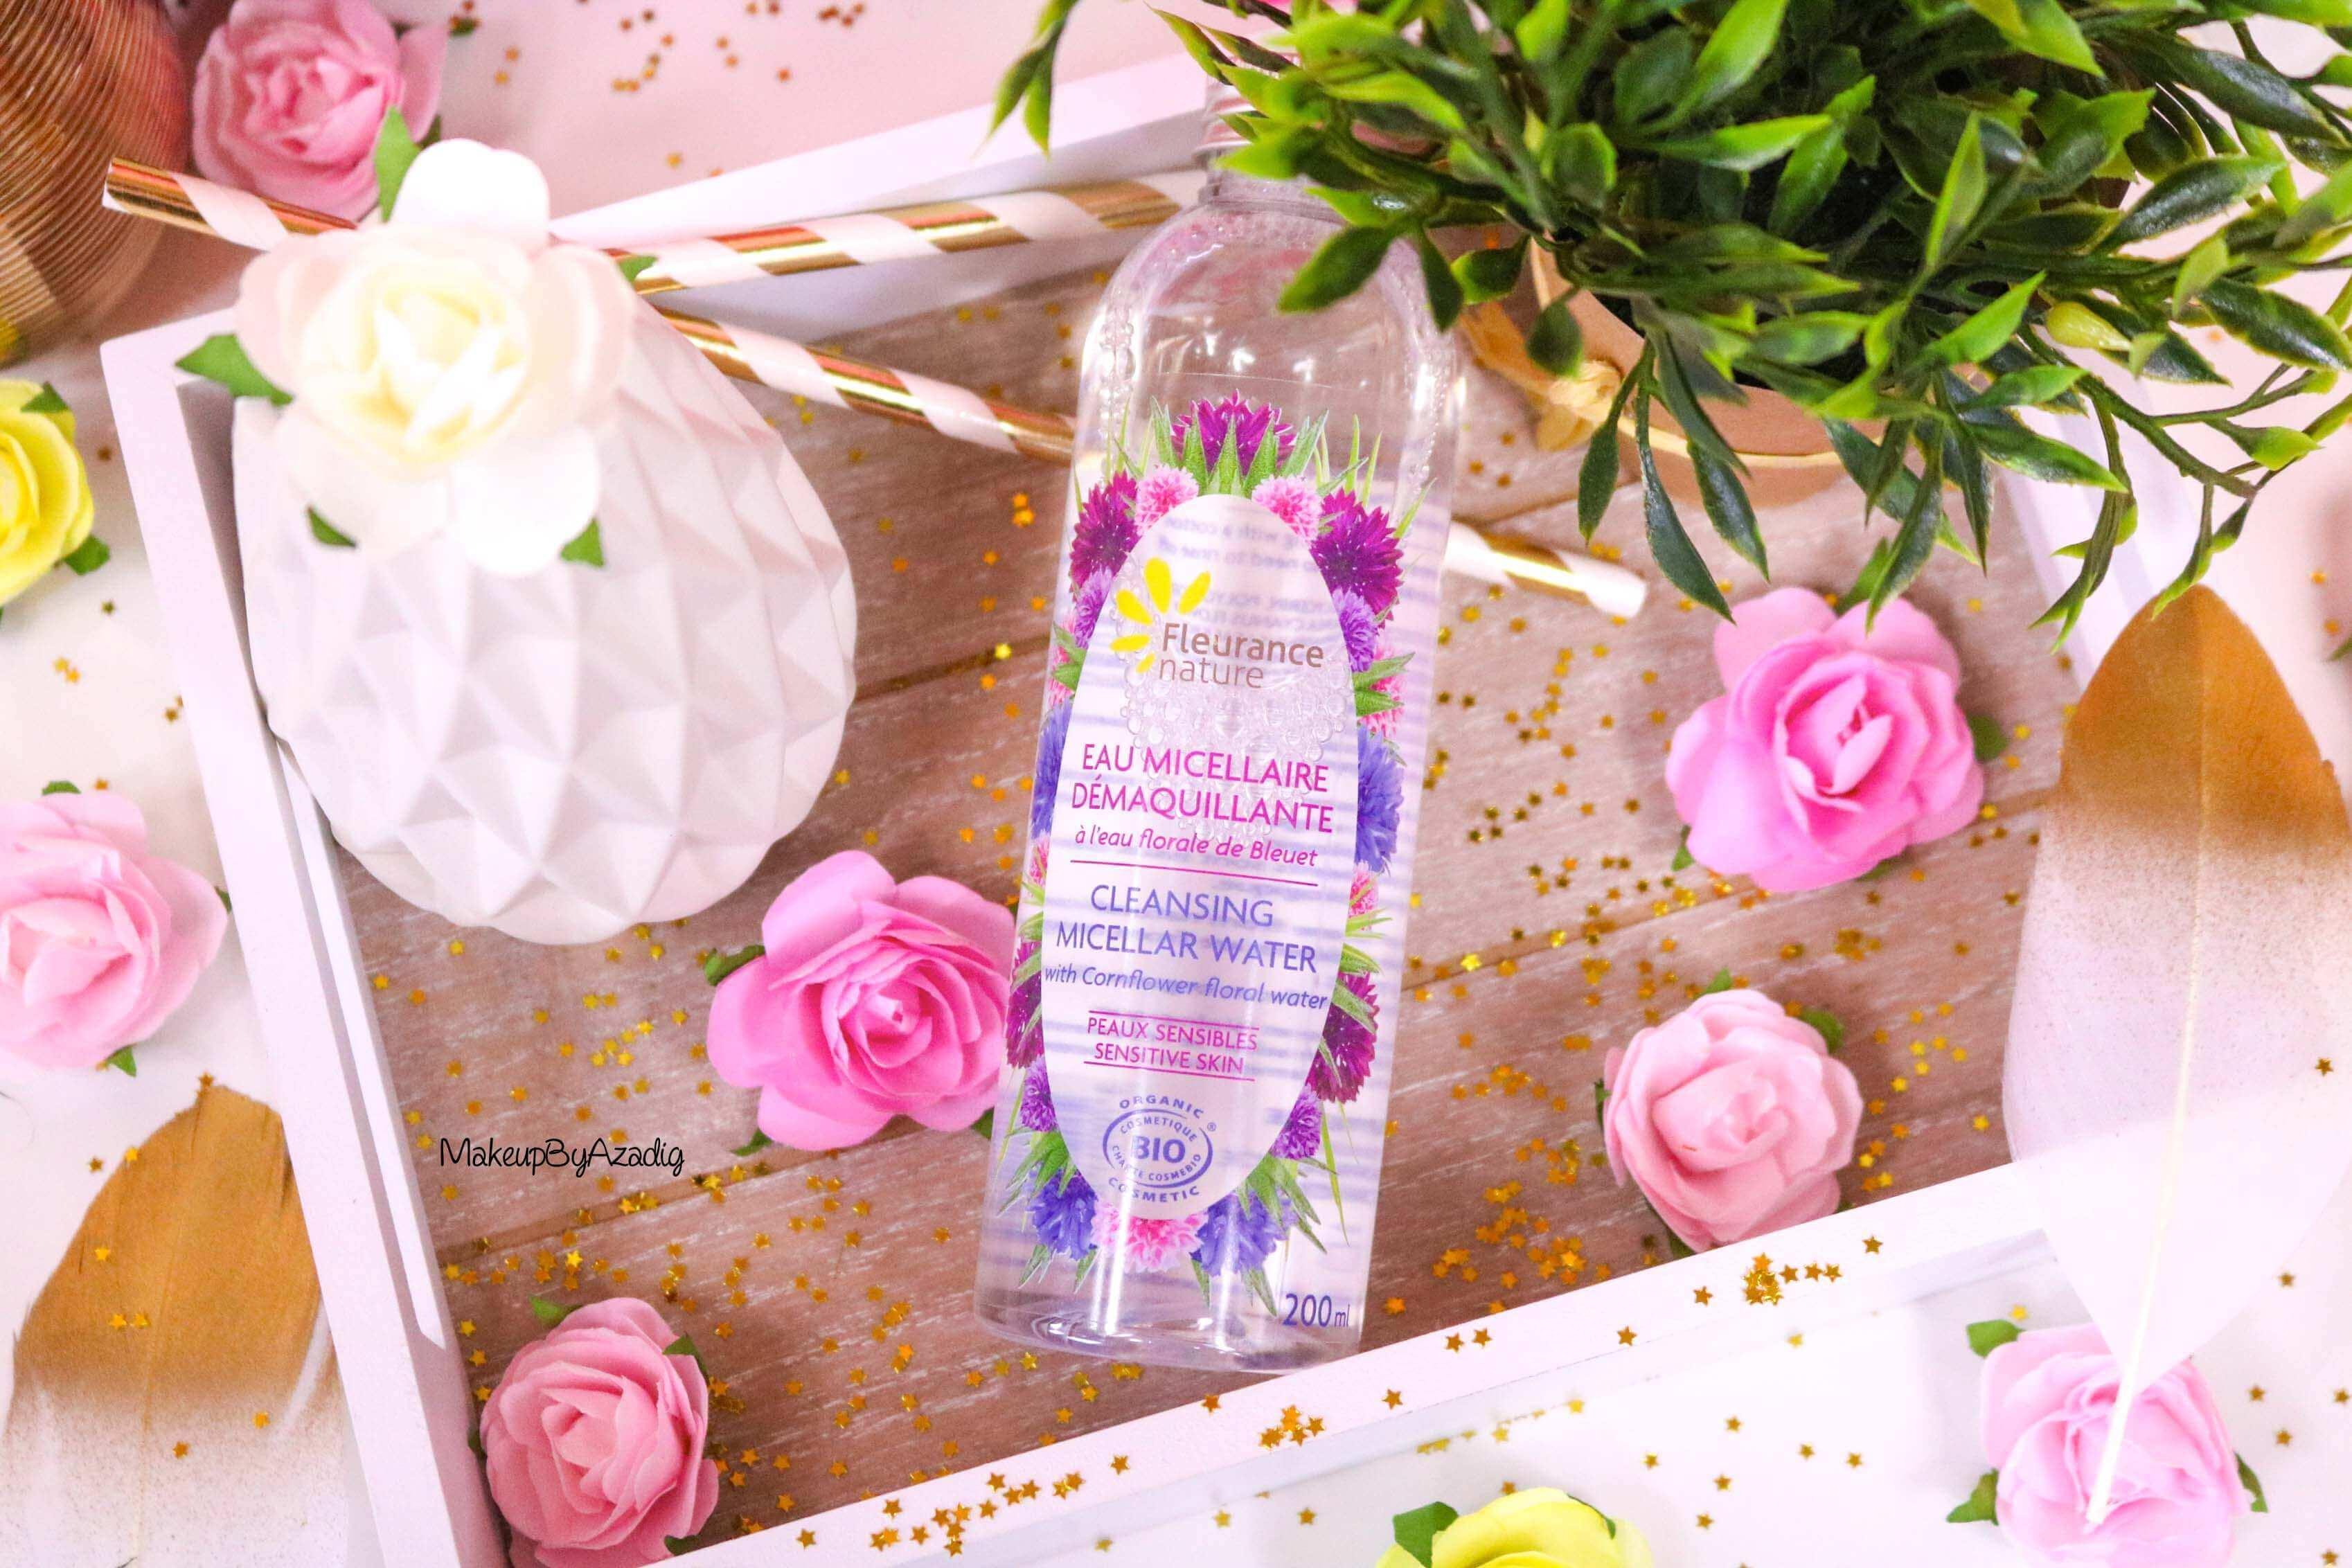 revue-eau-micellaire-peau-sensible-cosmetique-bio-fleurance-nature-makeupbyazadig-florale-bleuet-prix-avis-miniature